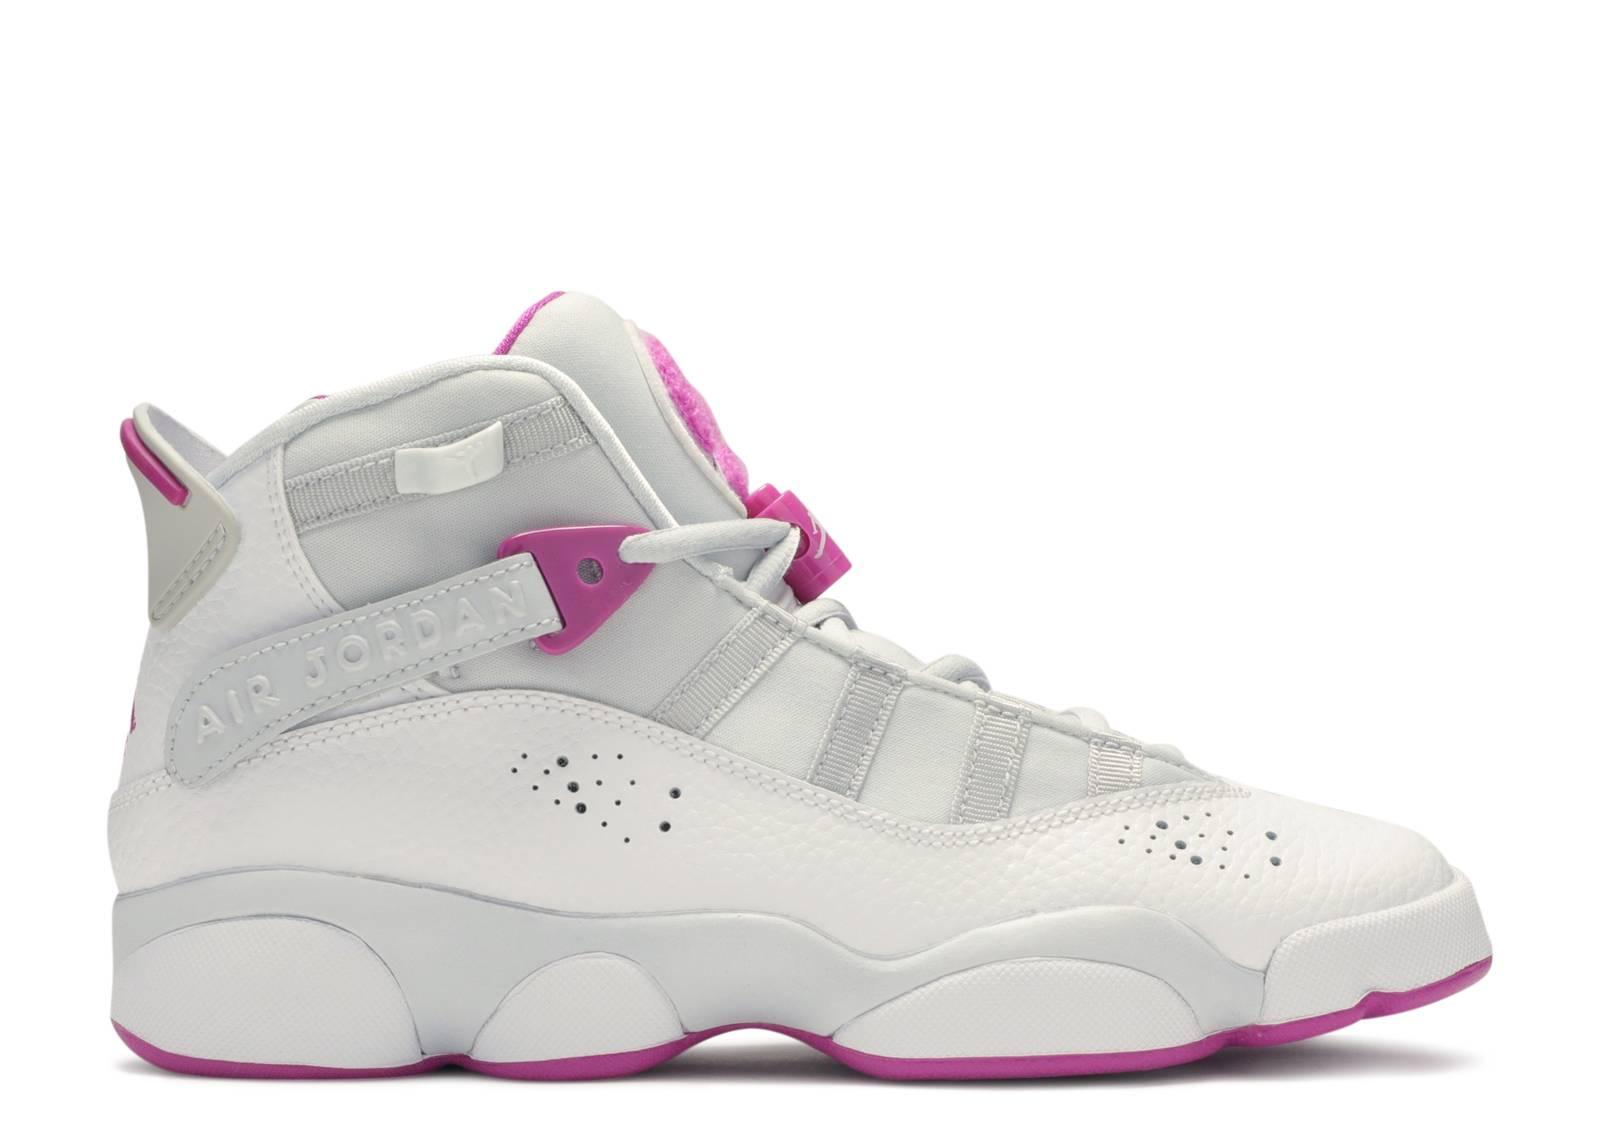 promo code 9298c 091a9 Jordan 6 Rings GS 'Platinum Fuchsia'